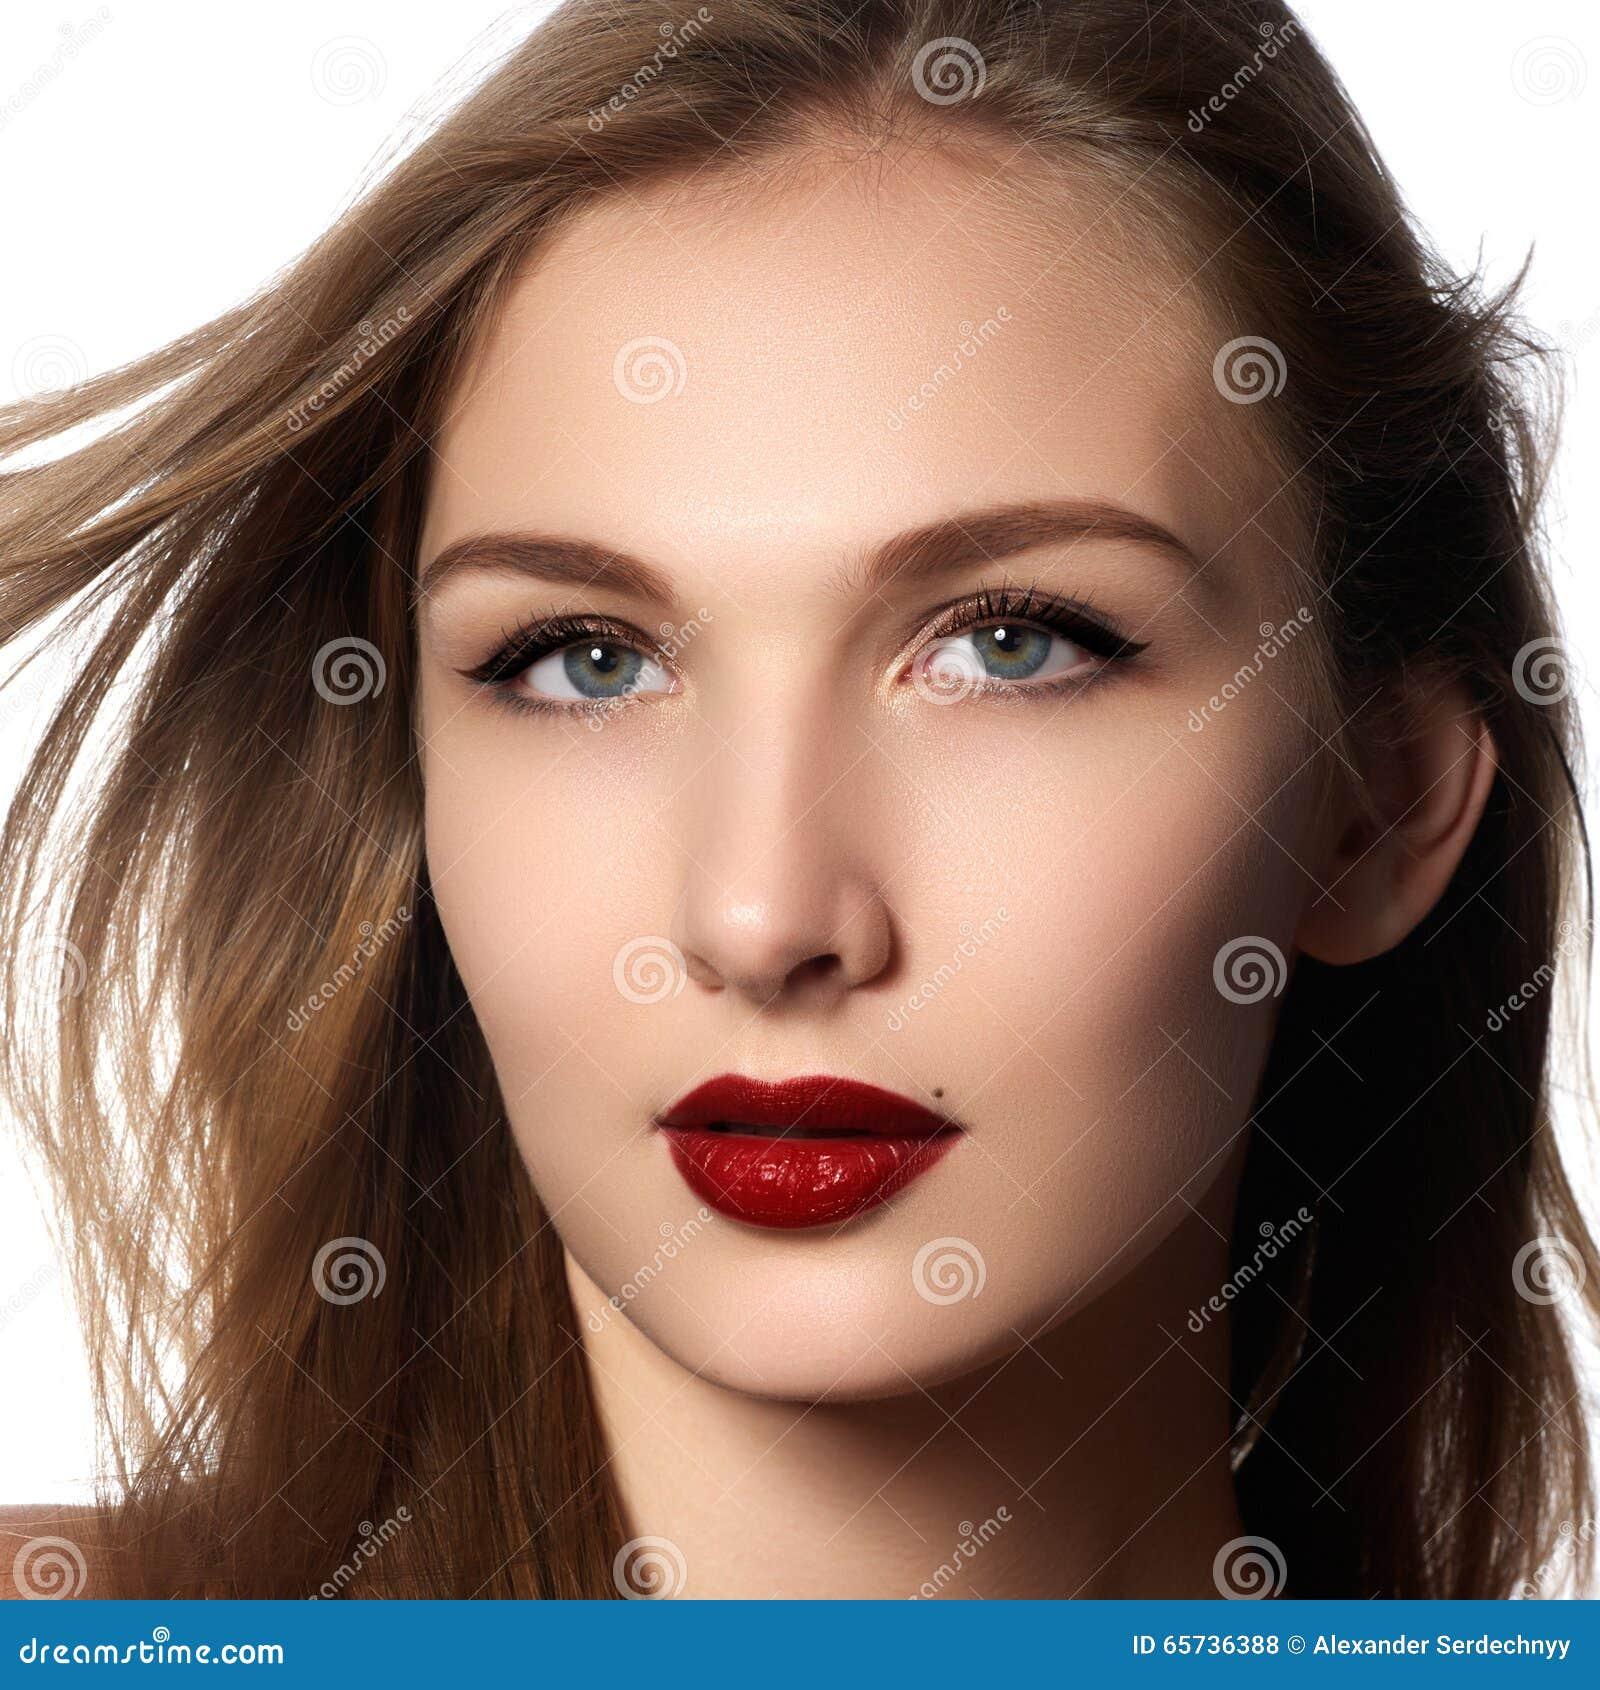 Gesundheit, Schönheit, Wellness, haircare, Kosmetik und Verfassung beaut